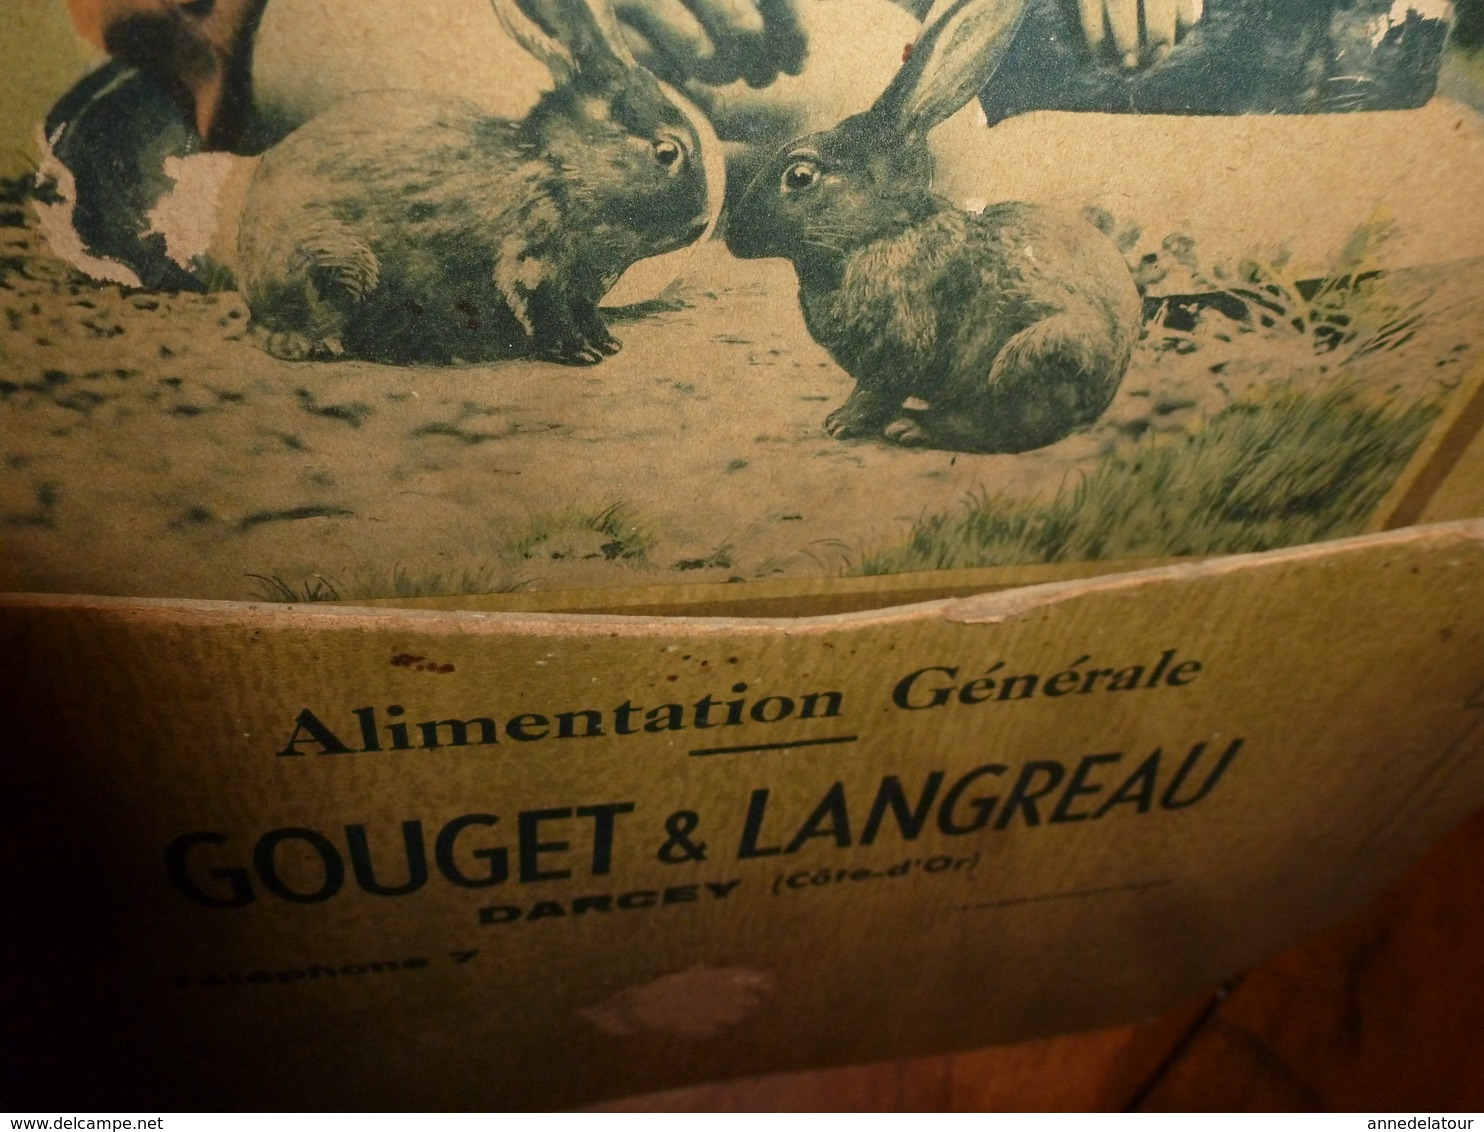 Ancien Carton Vide-poche Publicitaire Alimentation Générale GOUGET & LANGREAU à Darcey (Côte D'Or)  Scène Enfantine - Placas De Cartón